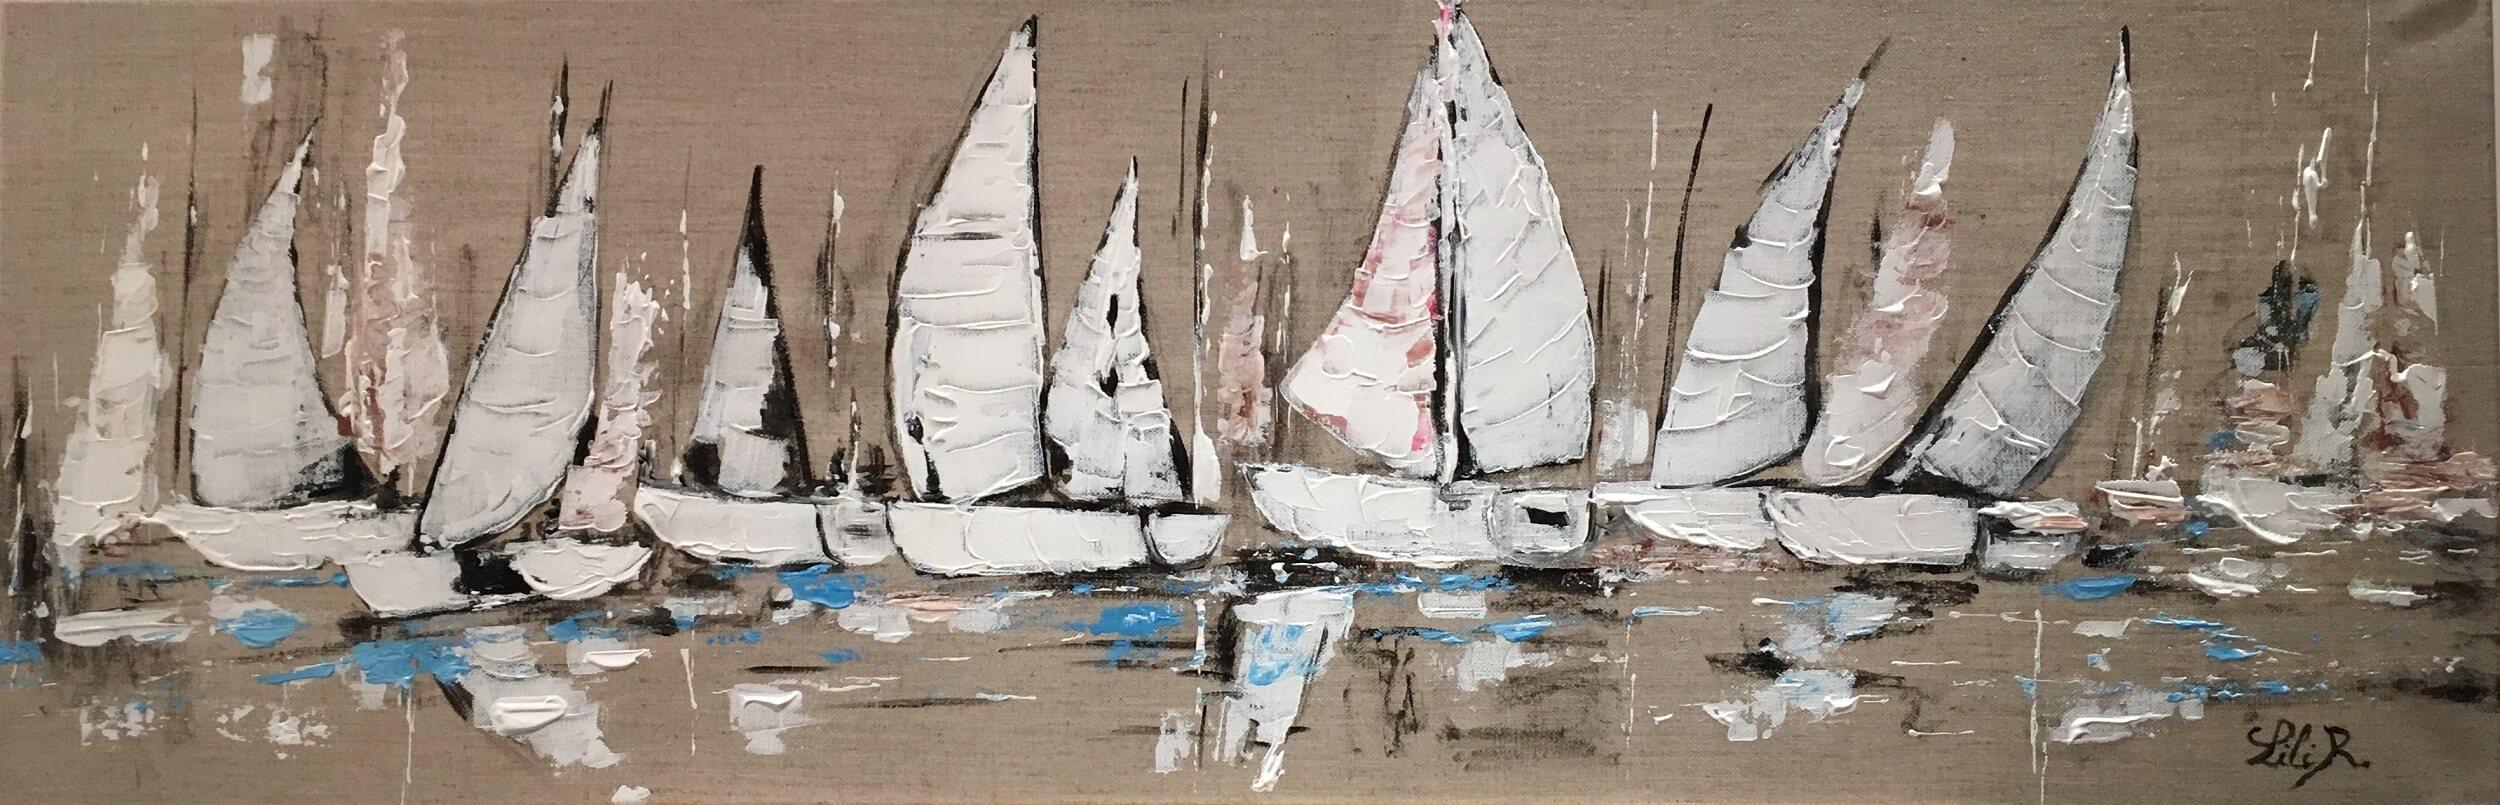 Tableau abstrait les voiliers severine richer normandie